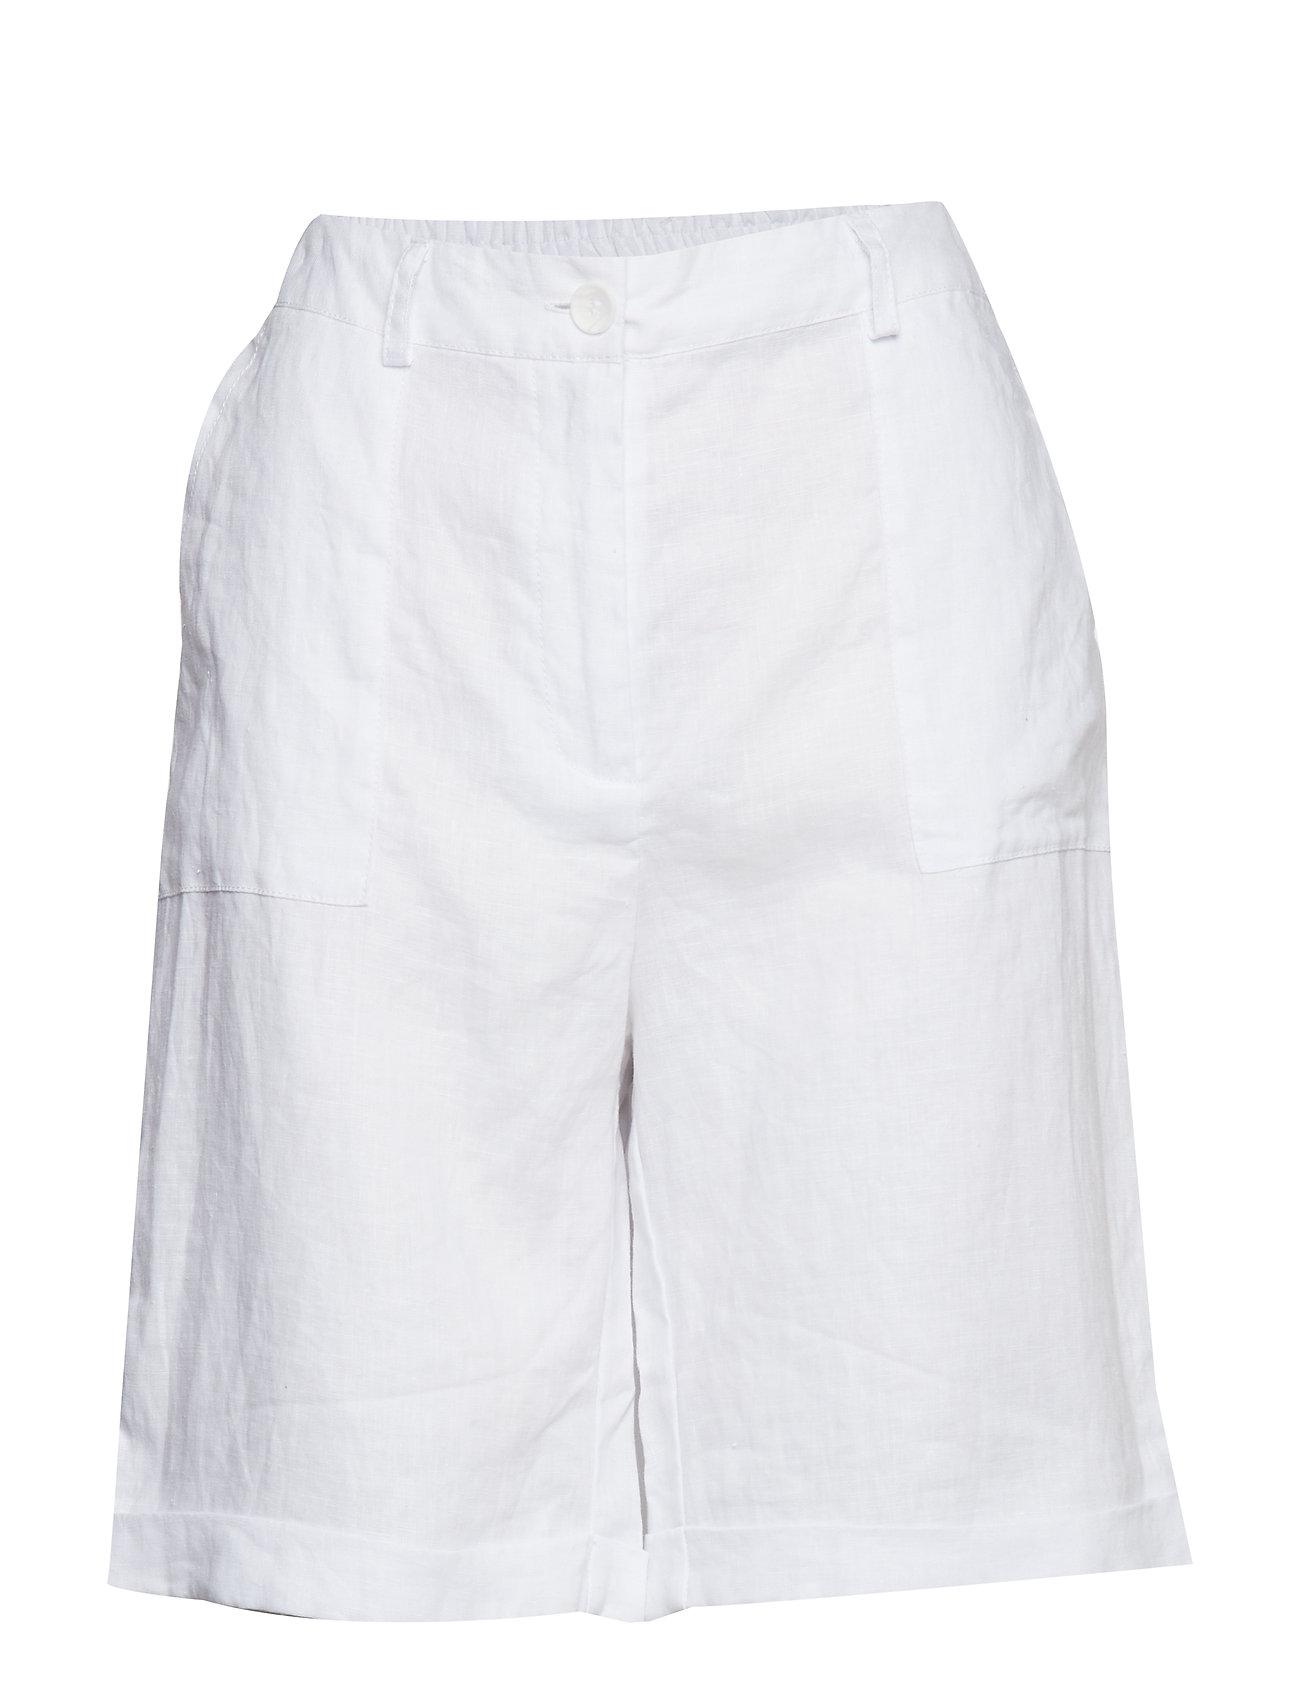 Masai Patla shorts - WHITE